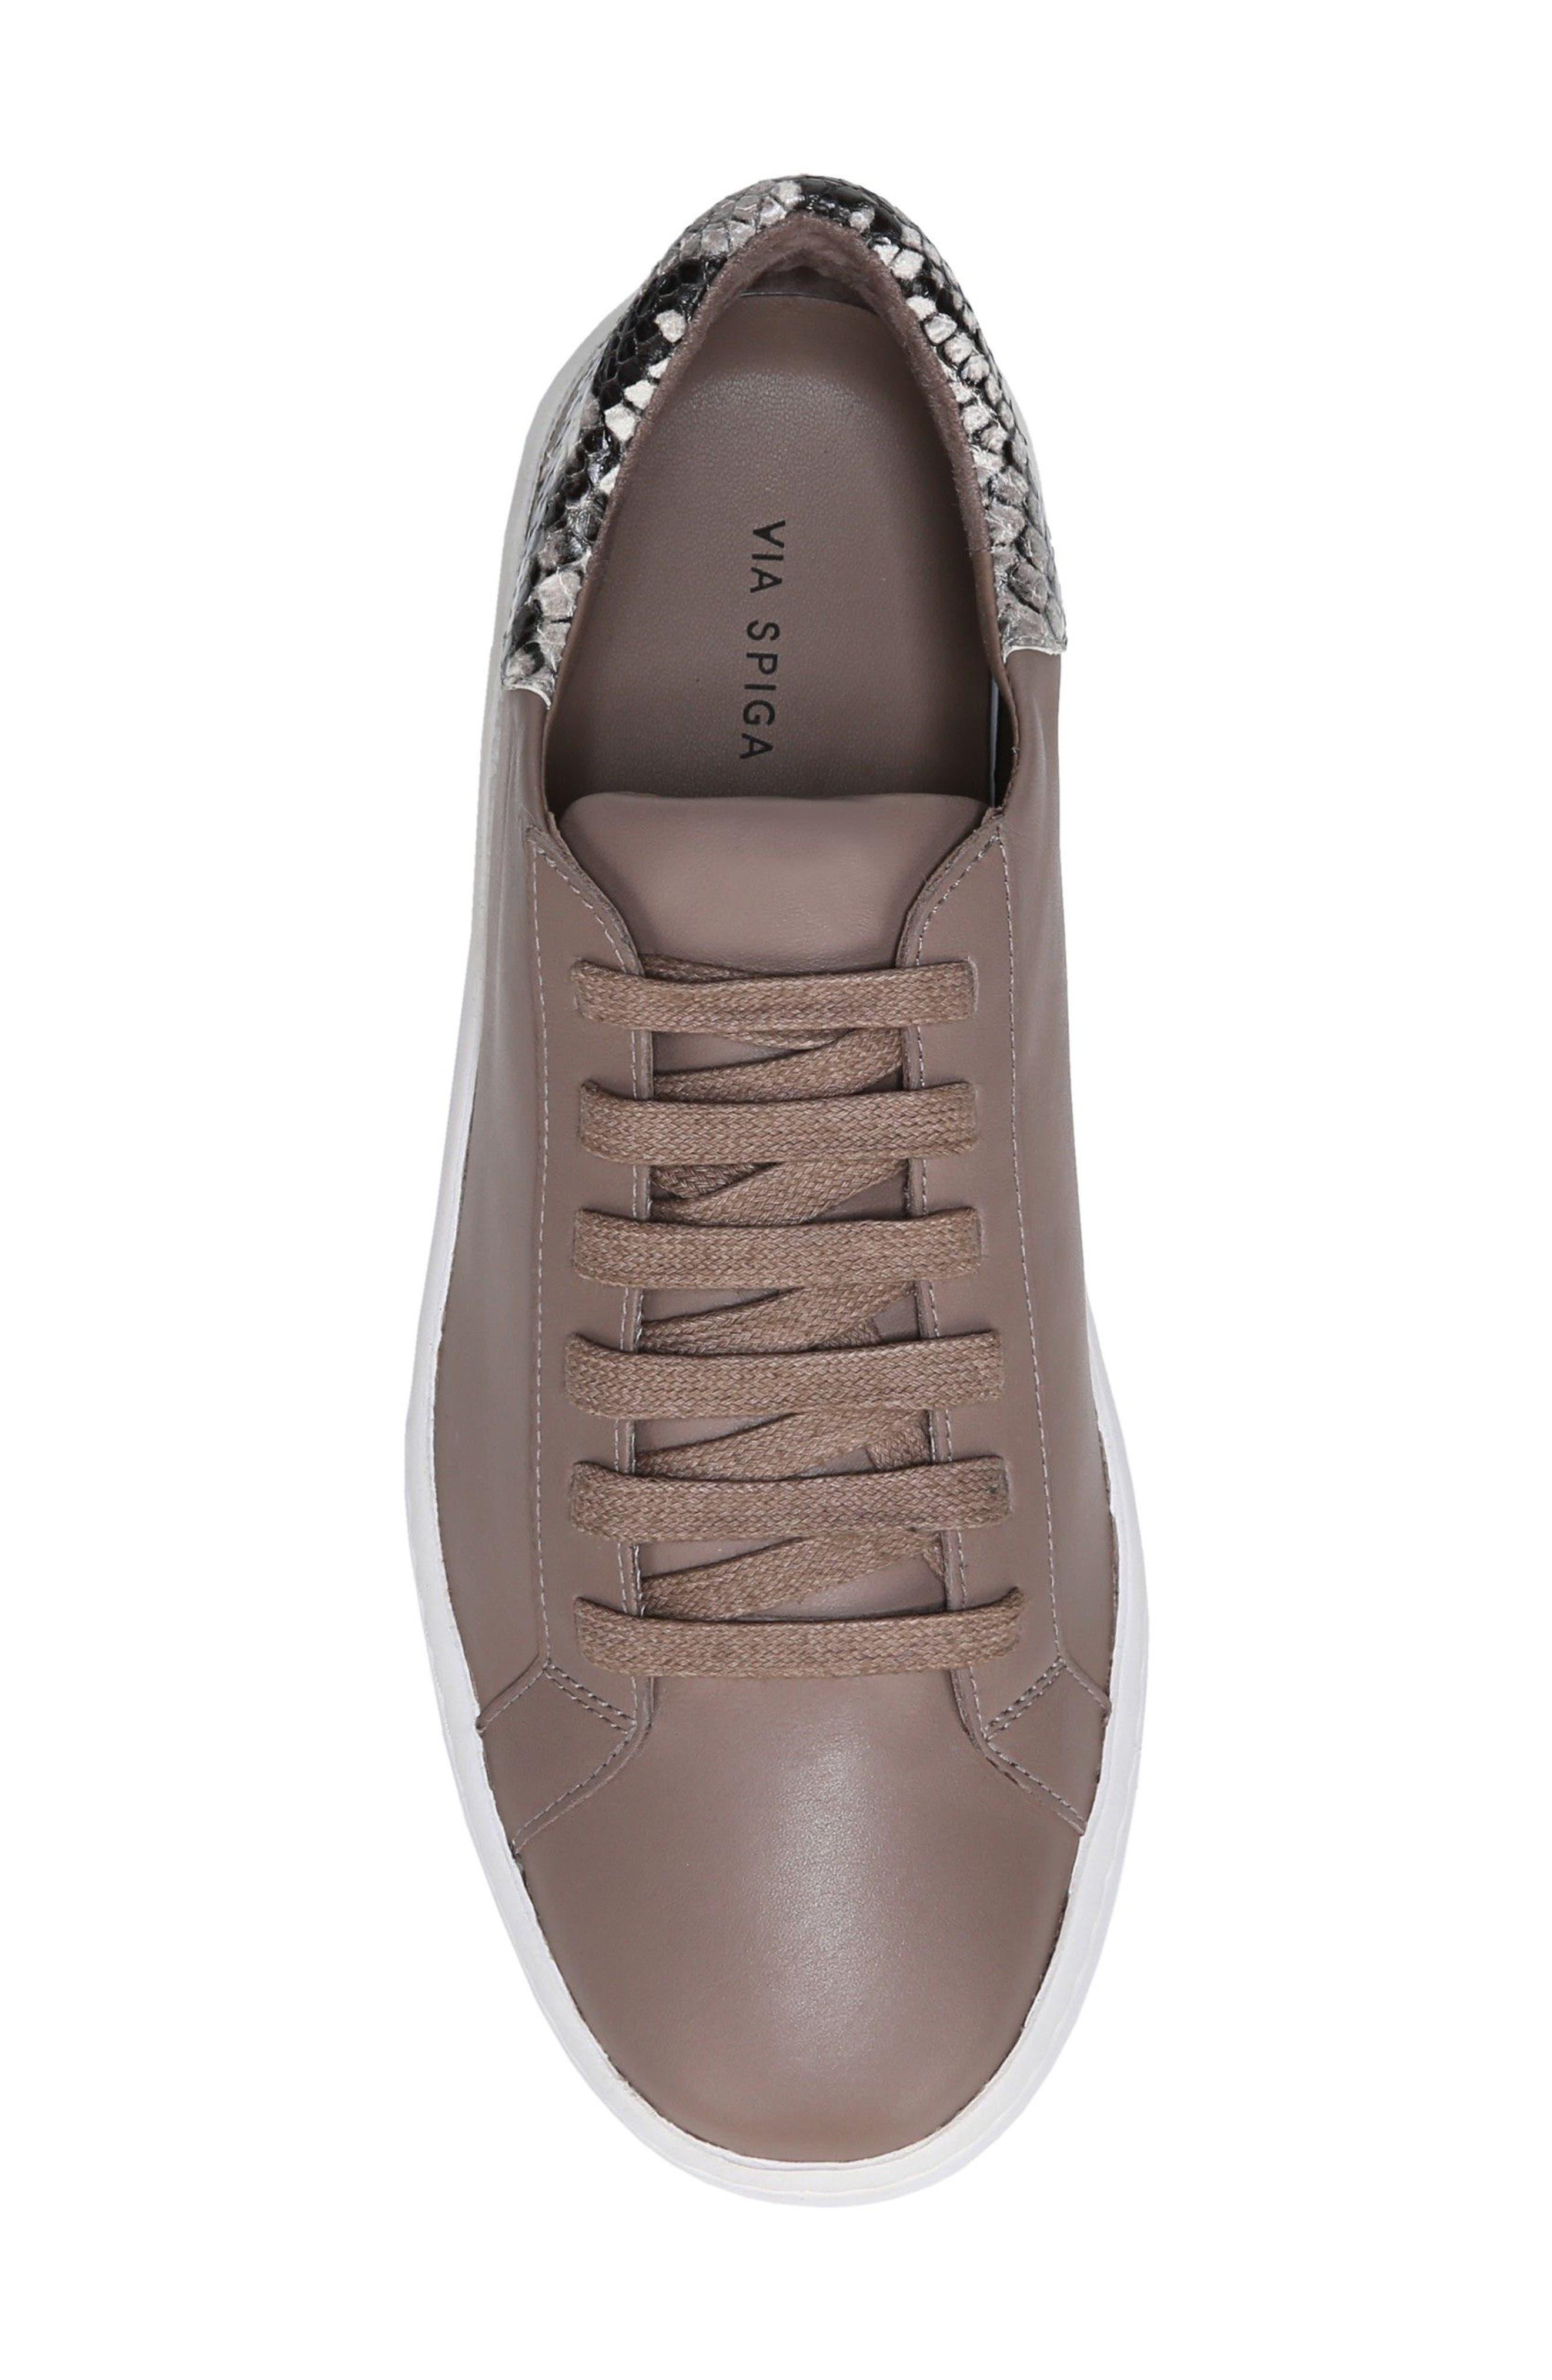 Rylen Platform Sneaker,                             Alternate thumbnail 5, color,                             Porcini/ Black/ White Leather